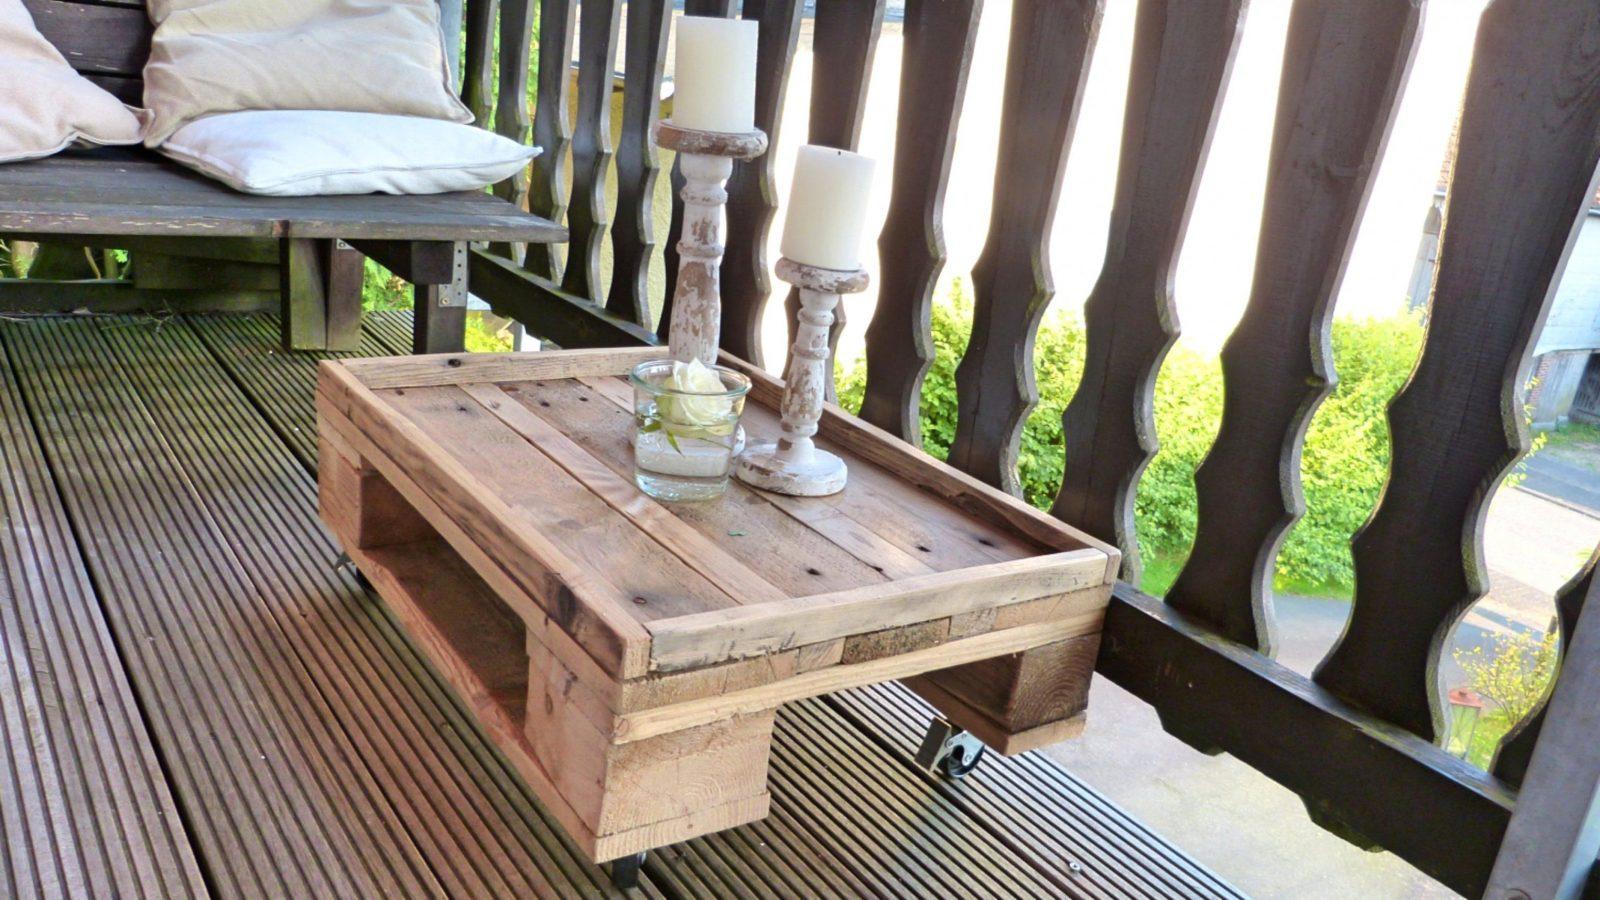 Beste Gartentisch Holz Massiv Selber Bauen Bvrao Für Lounge Avec von Outdoor Lounge Selber Bauen Bild